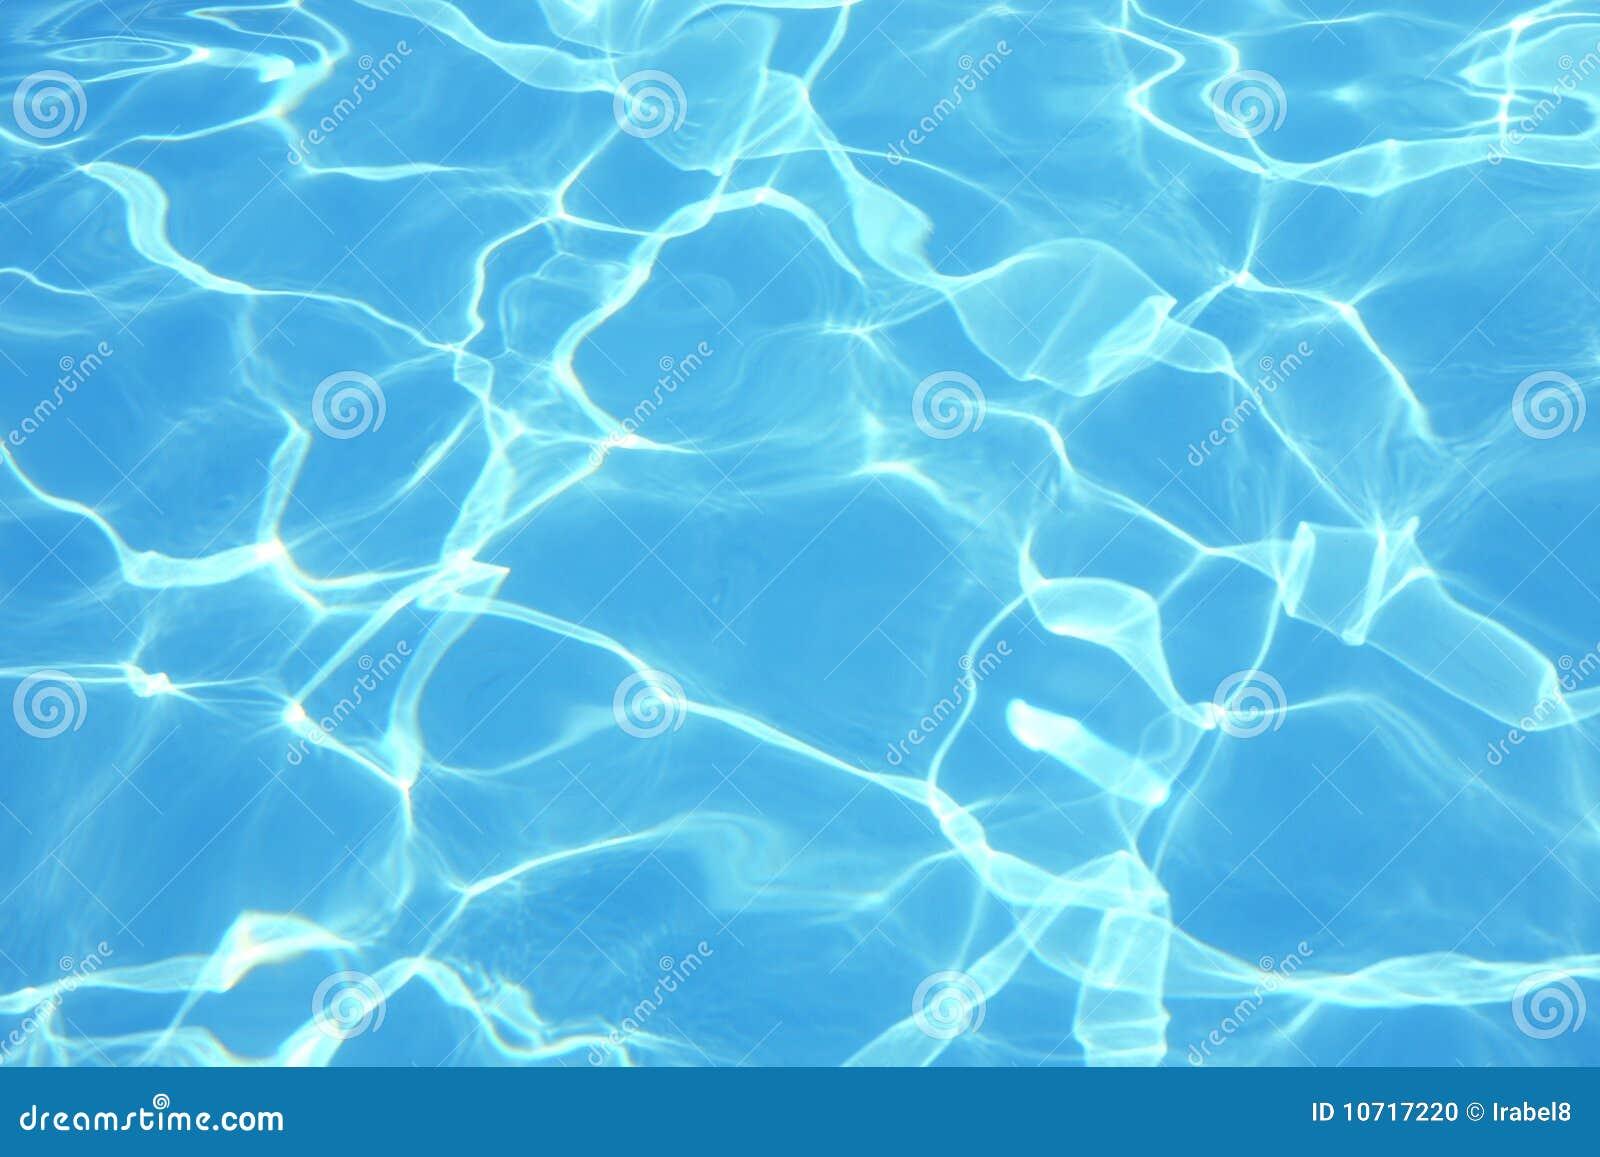 blaues wasser im pool stockfoto bild von kr uselung 10717220. Black Bedroom Furniture Sets. Home Design Ideas